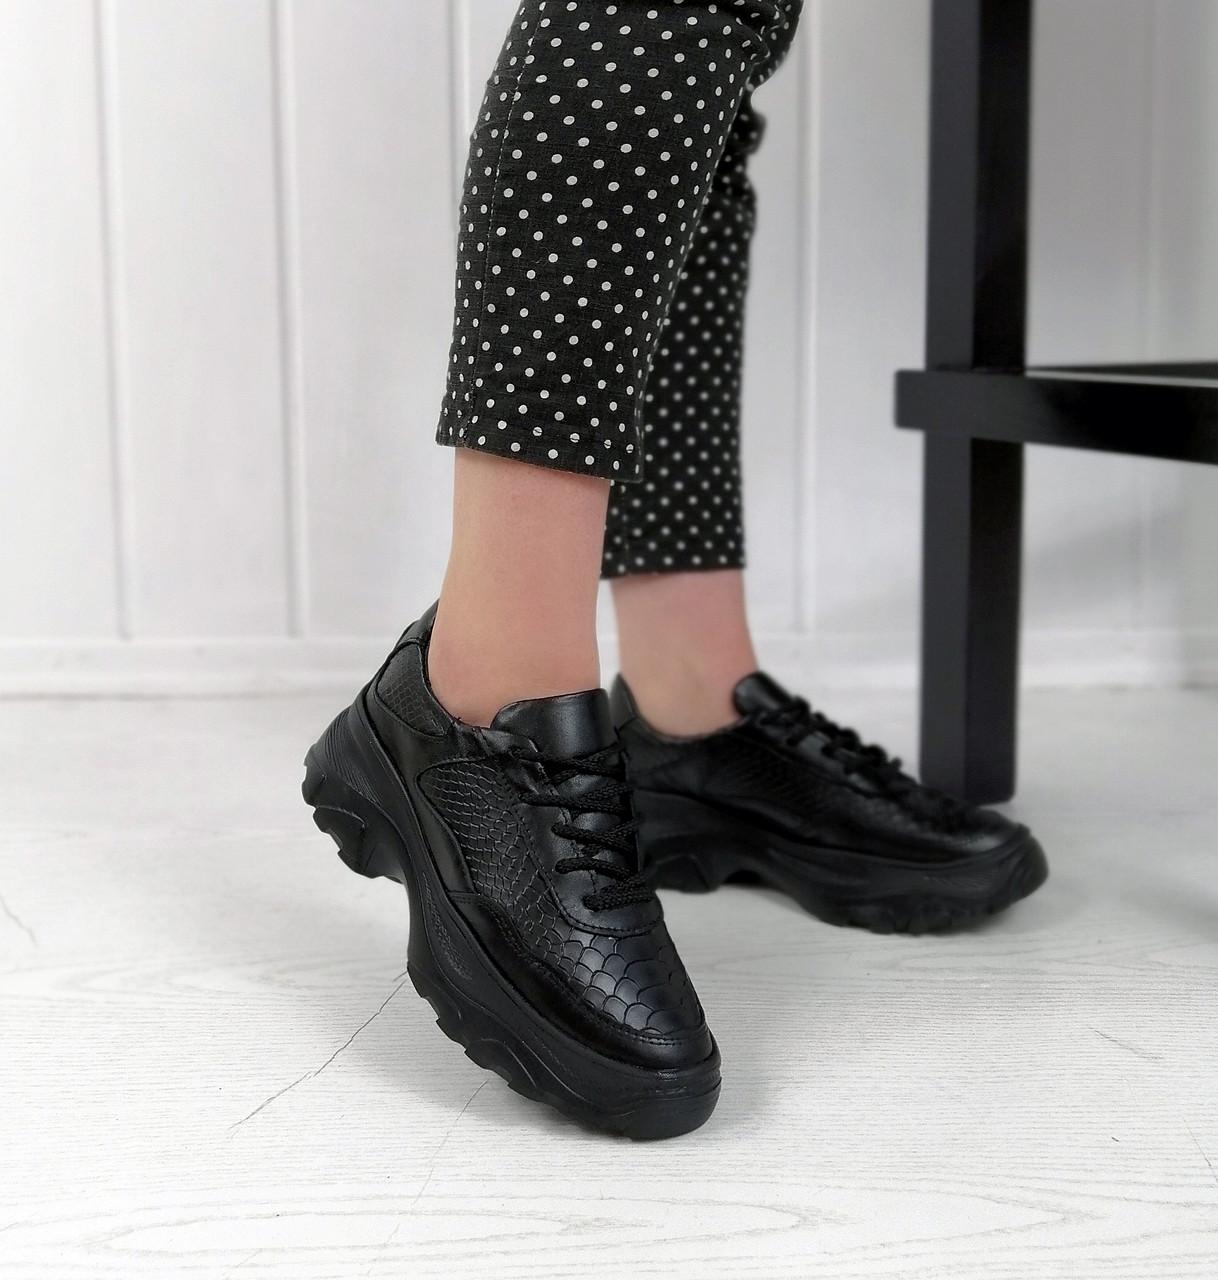 Чорні шкіряні кросівки з зміїним принтом